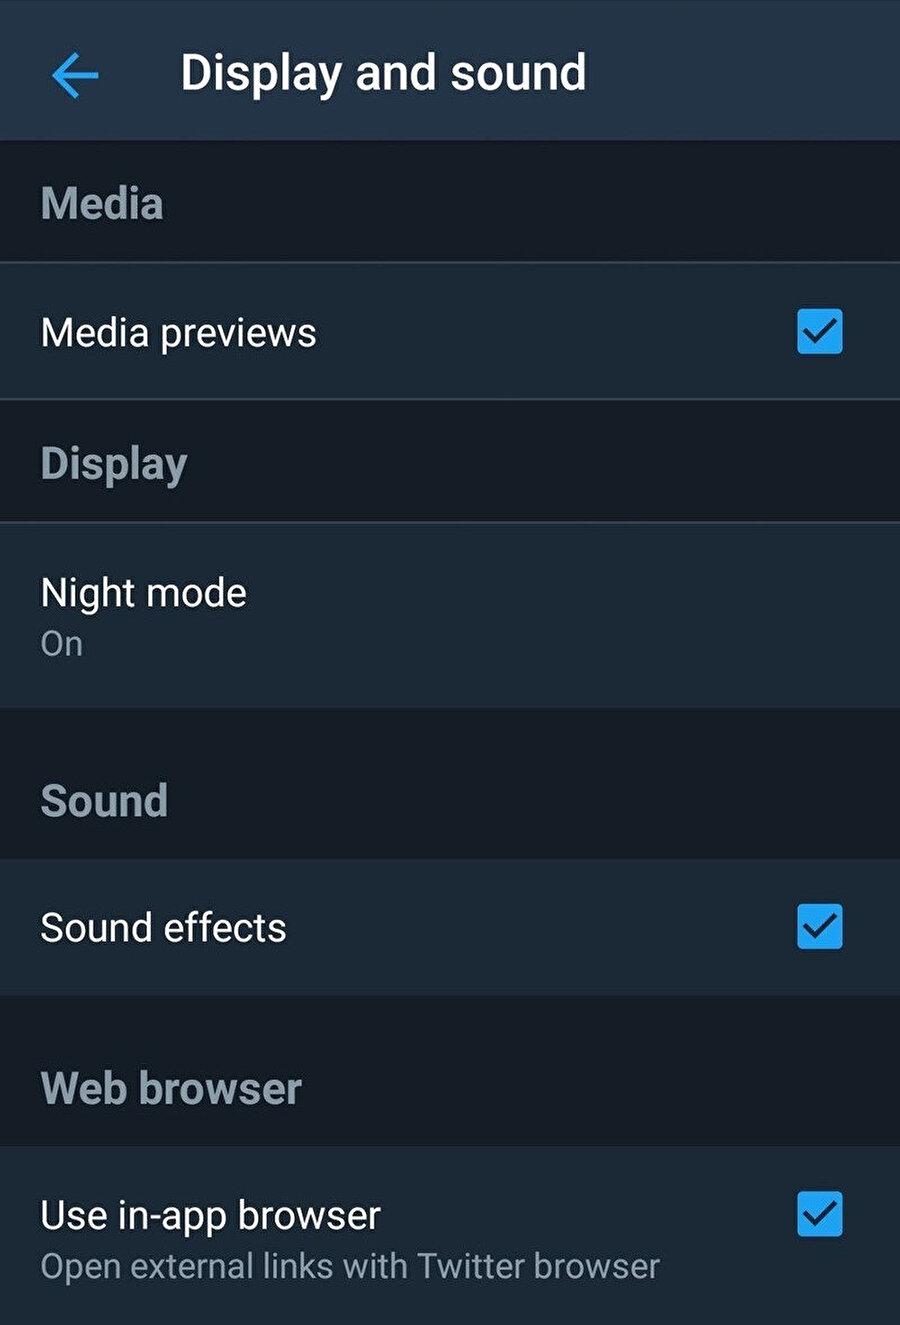 Twitter karanlık mod özelliği kullanıcıların isteği doğrultusunda artık daha da koyu hale gelecek.